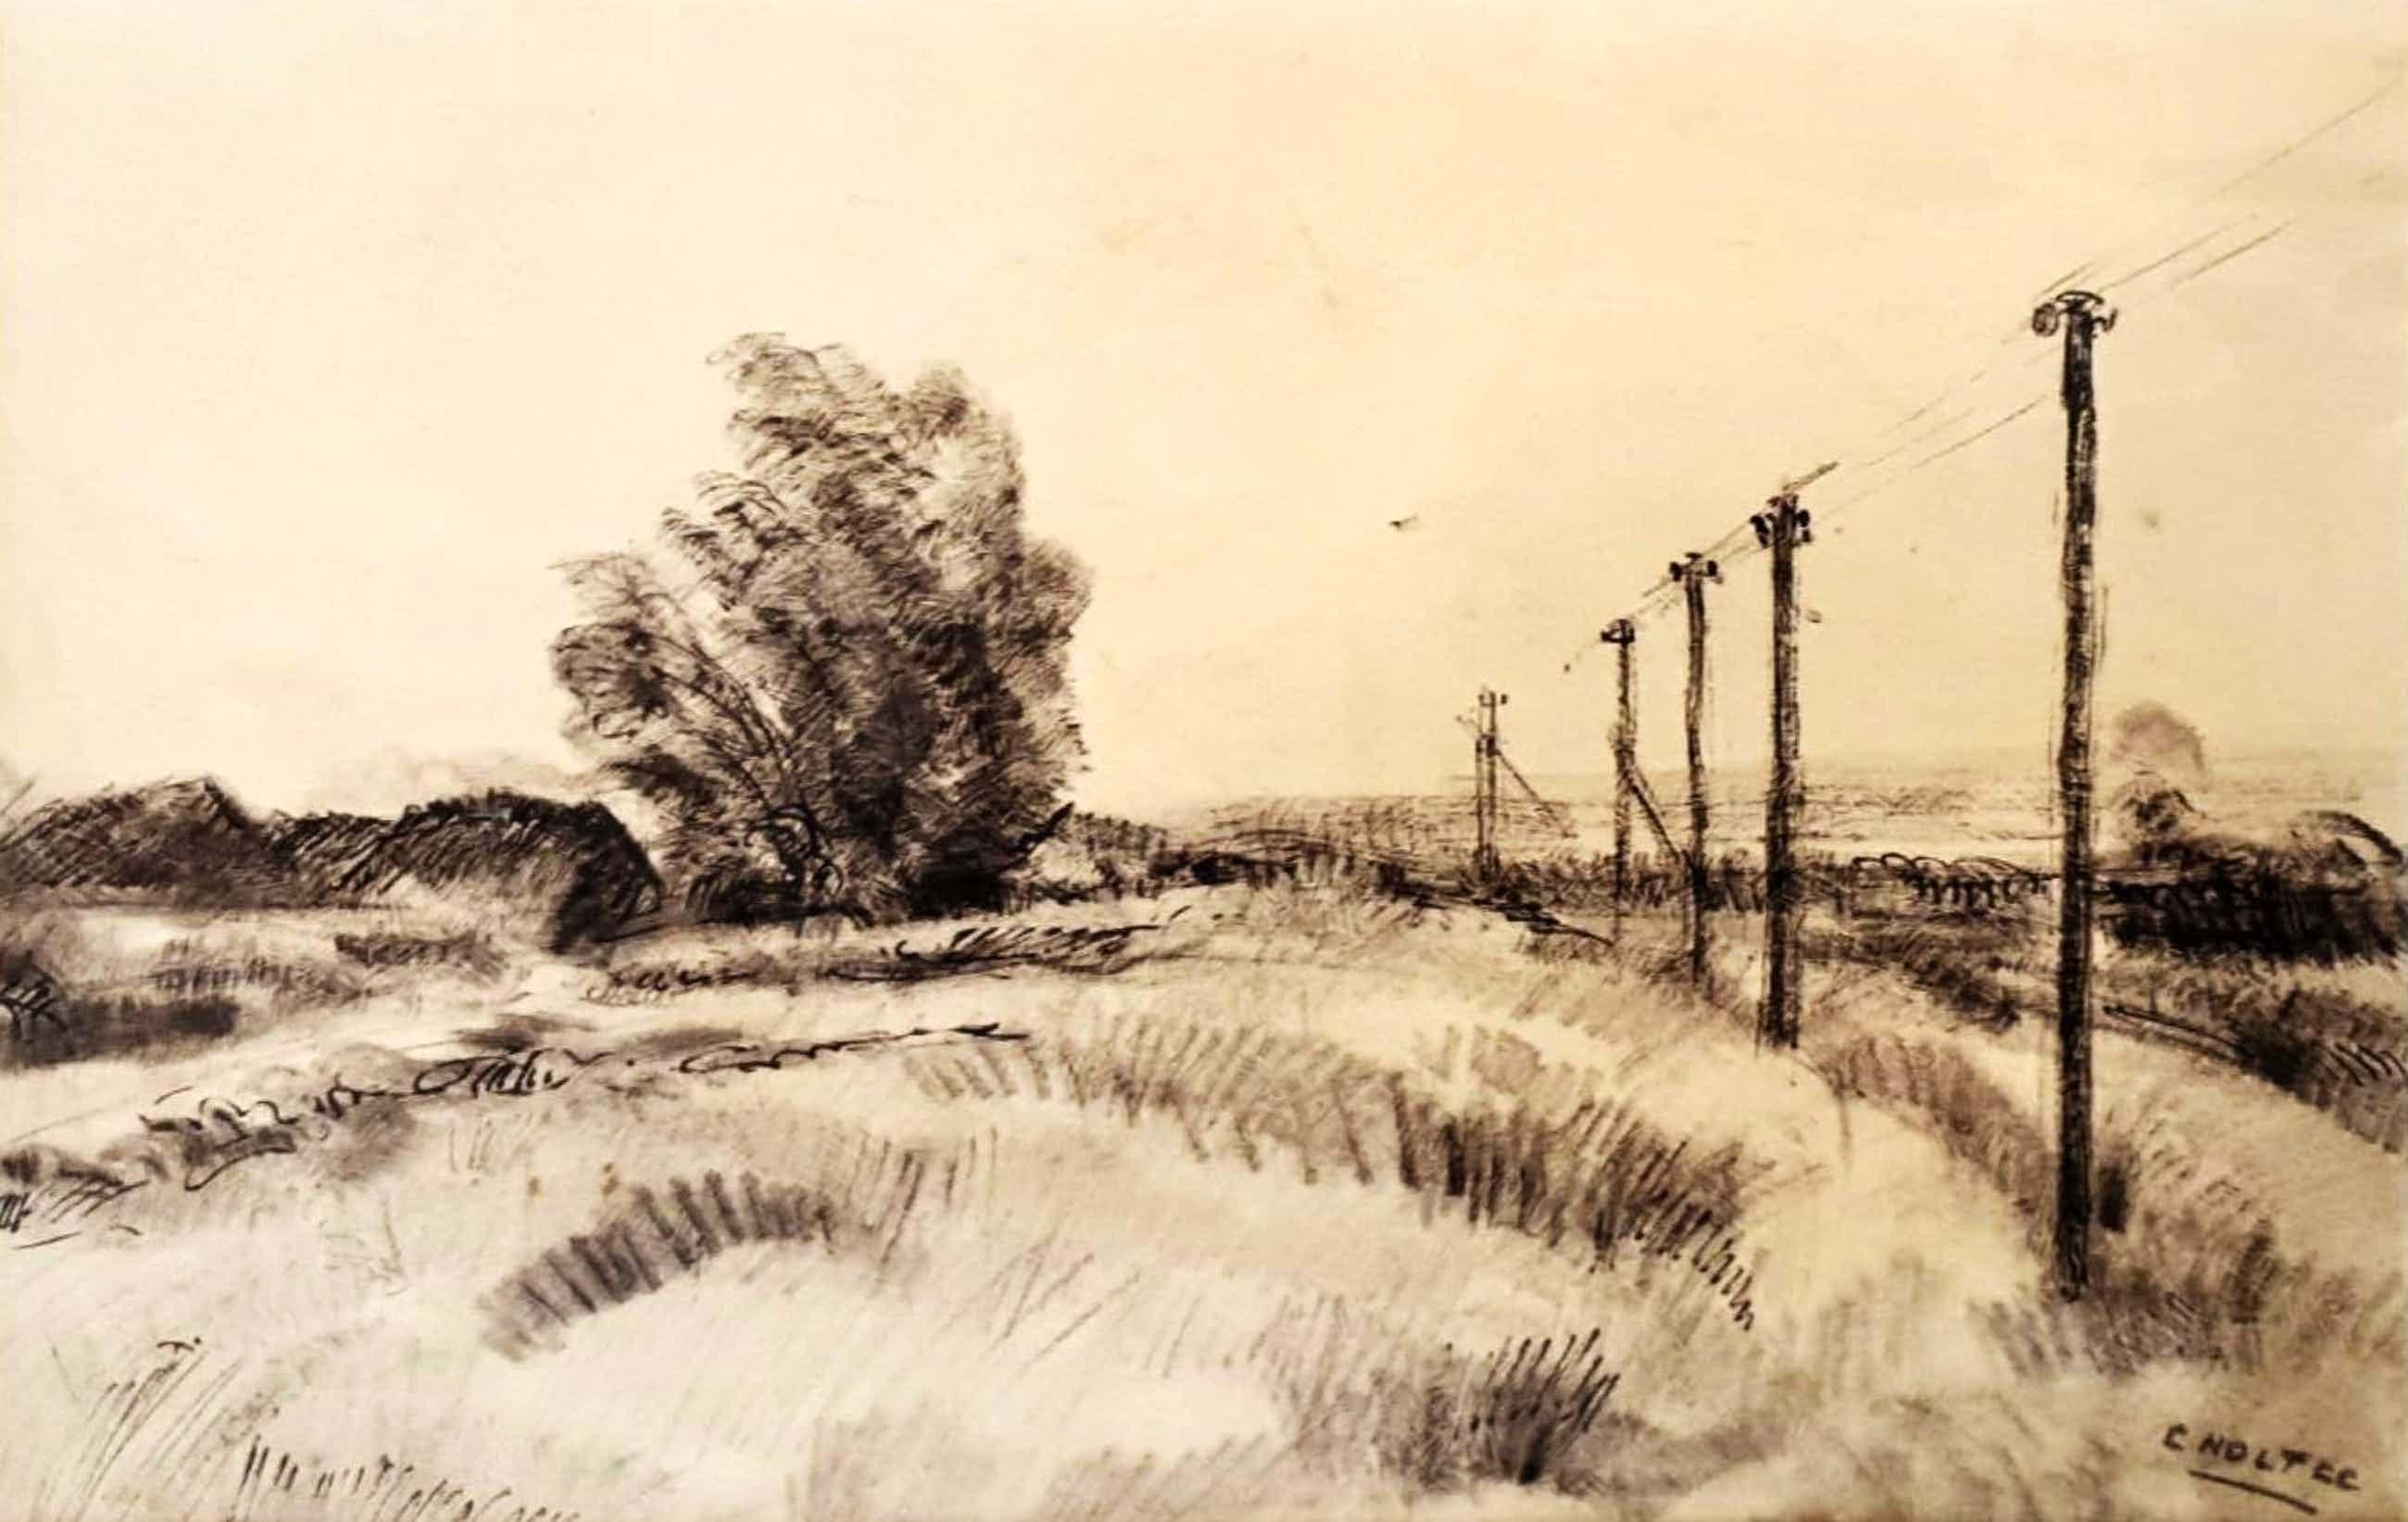 Cor Noltee - A2141-11, Landschap met elektriciteitspalen kopen? Bied vanaf 200!